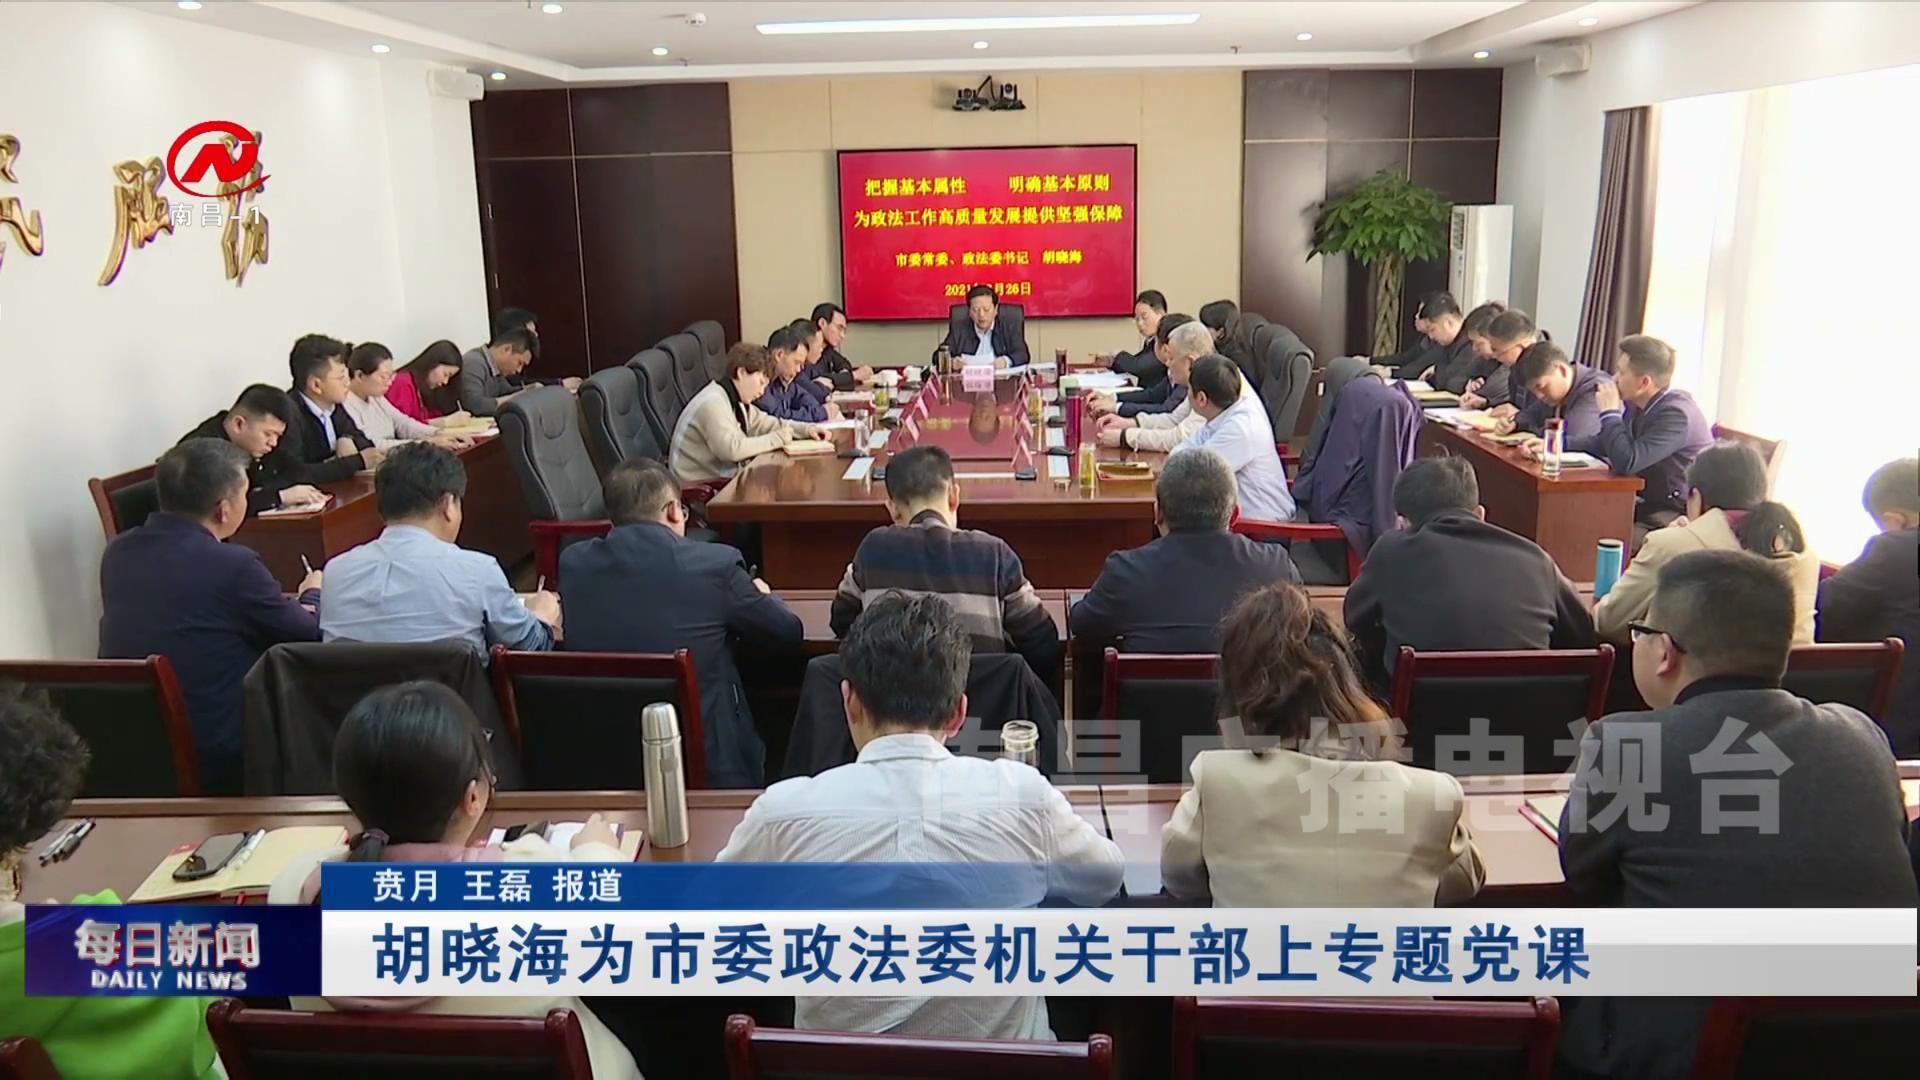 胡曉海為市委政法委機關干部上專題黨課